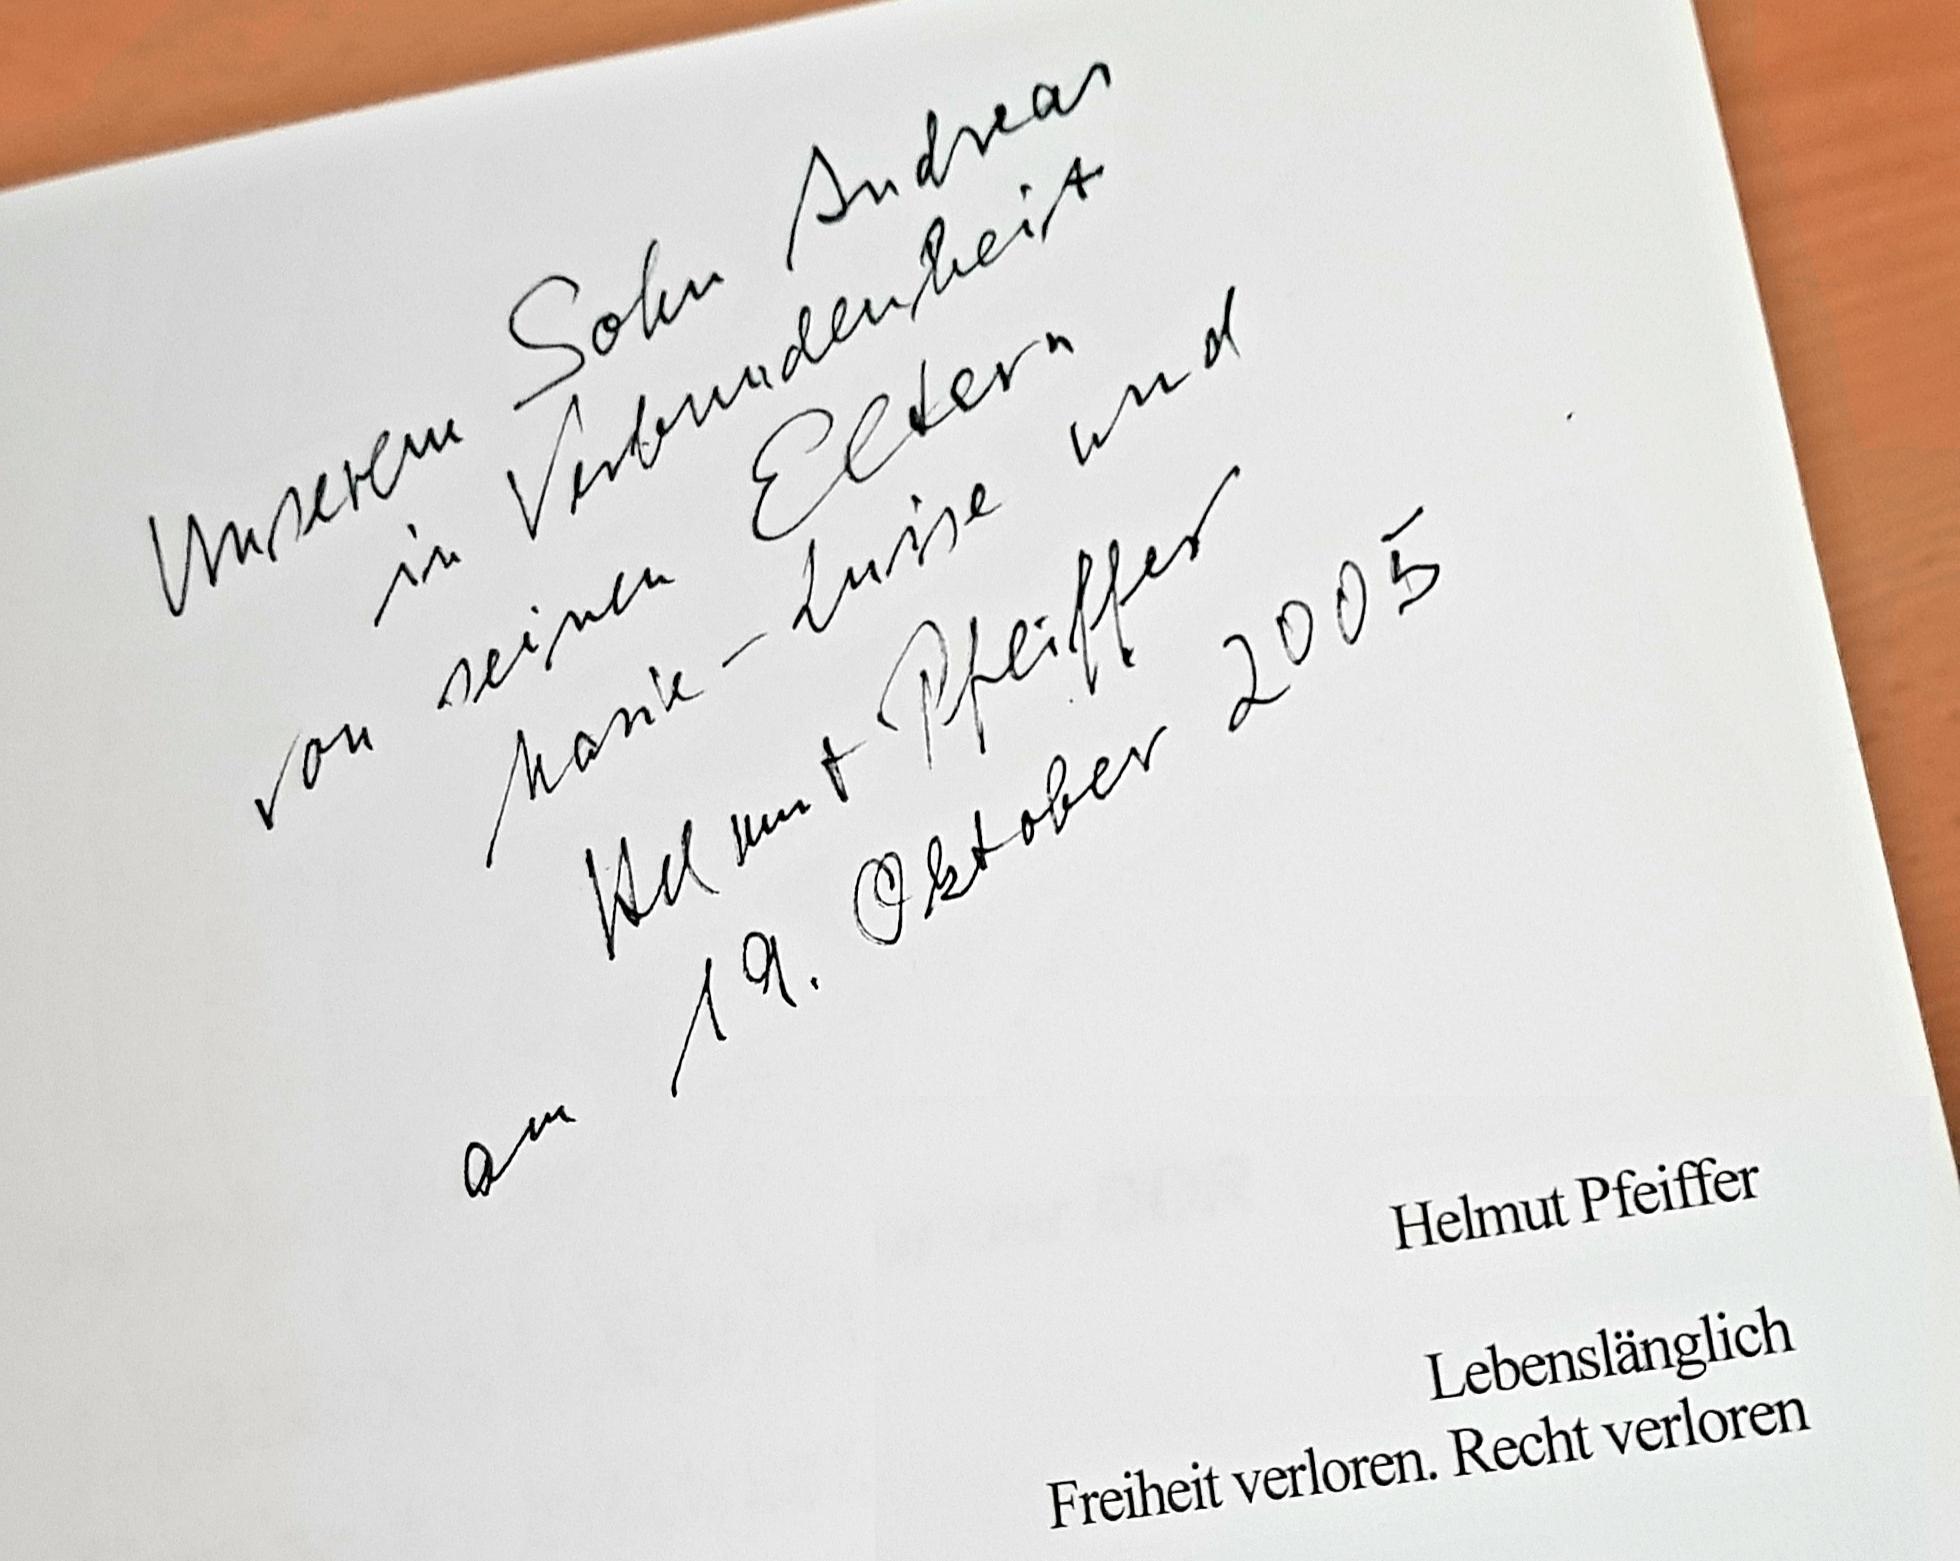 Widmung Helmut Pfeiffer - Lebenslänglich. Freiheit verloren. Recht verloren.